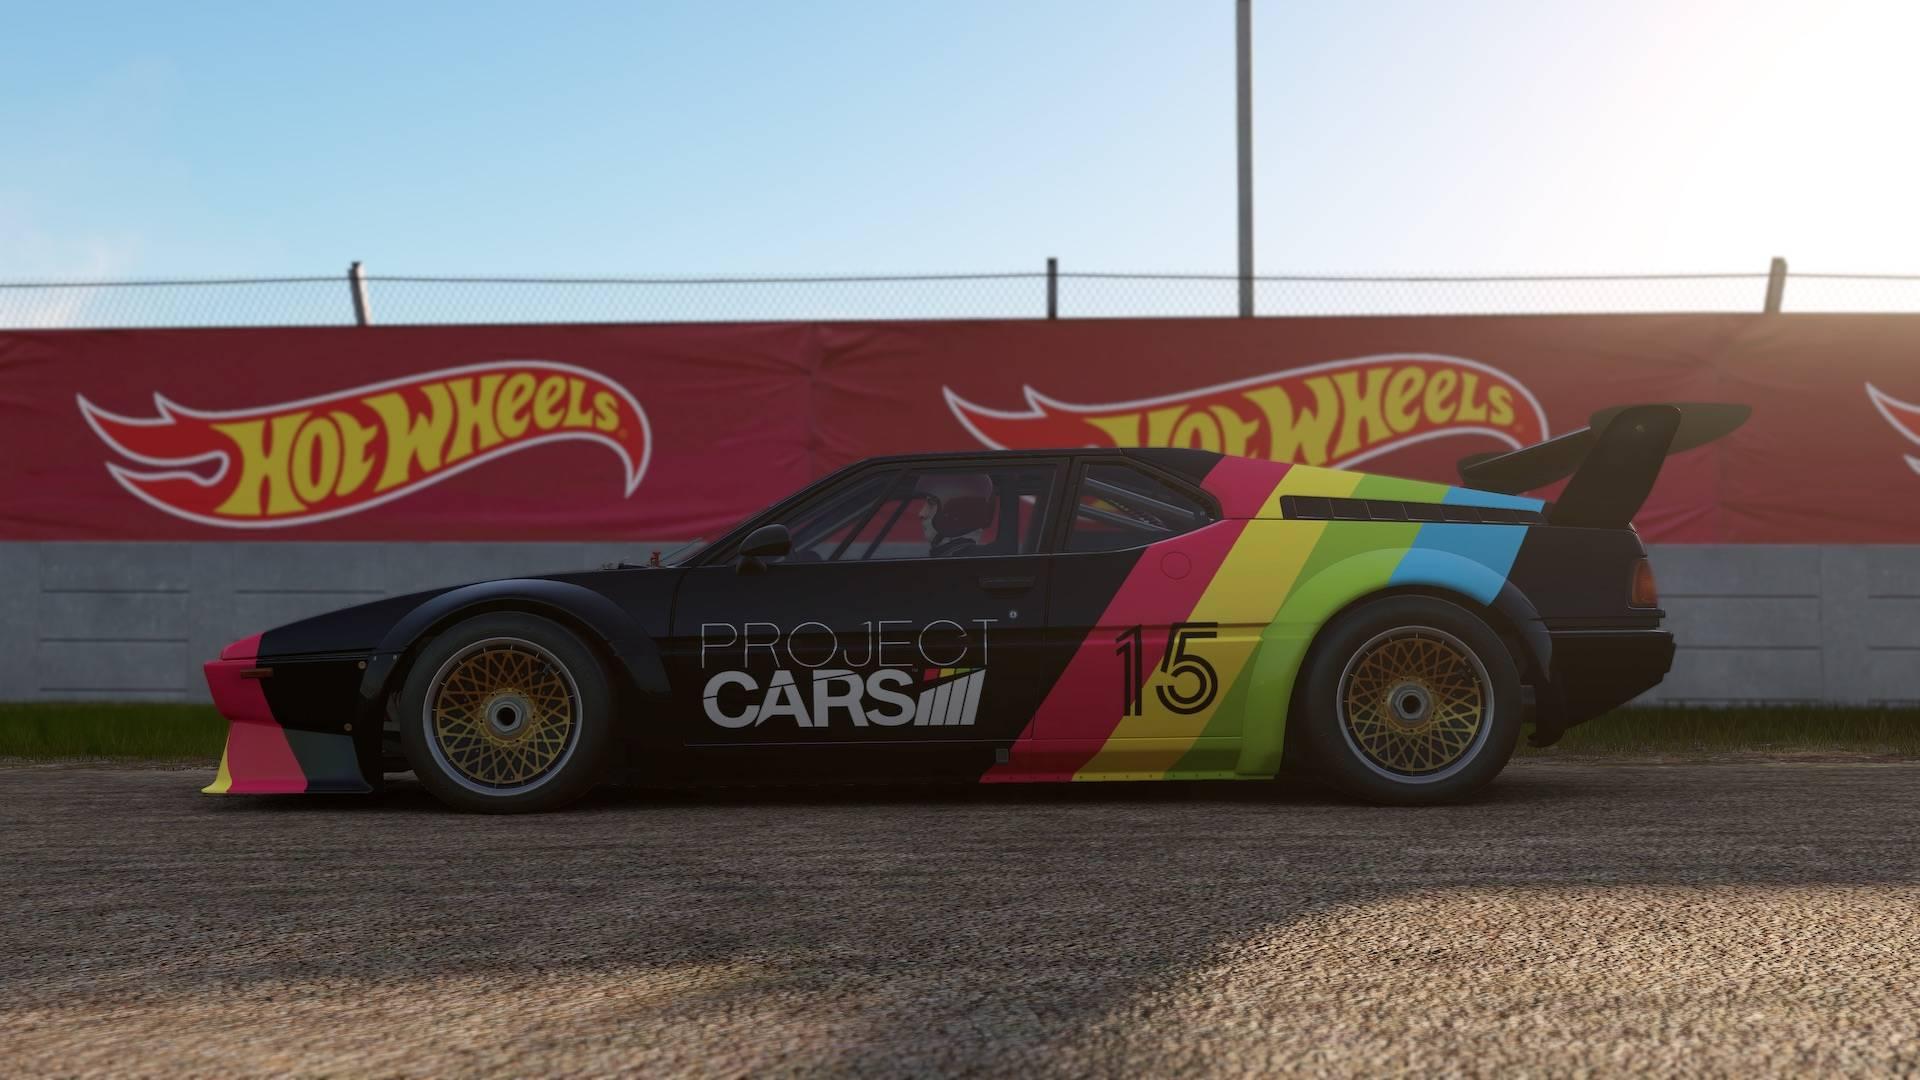 Cars Project Hot Videojuego A Wheels Del EscalaProcedentes 2 Cinco b6yYgfv7